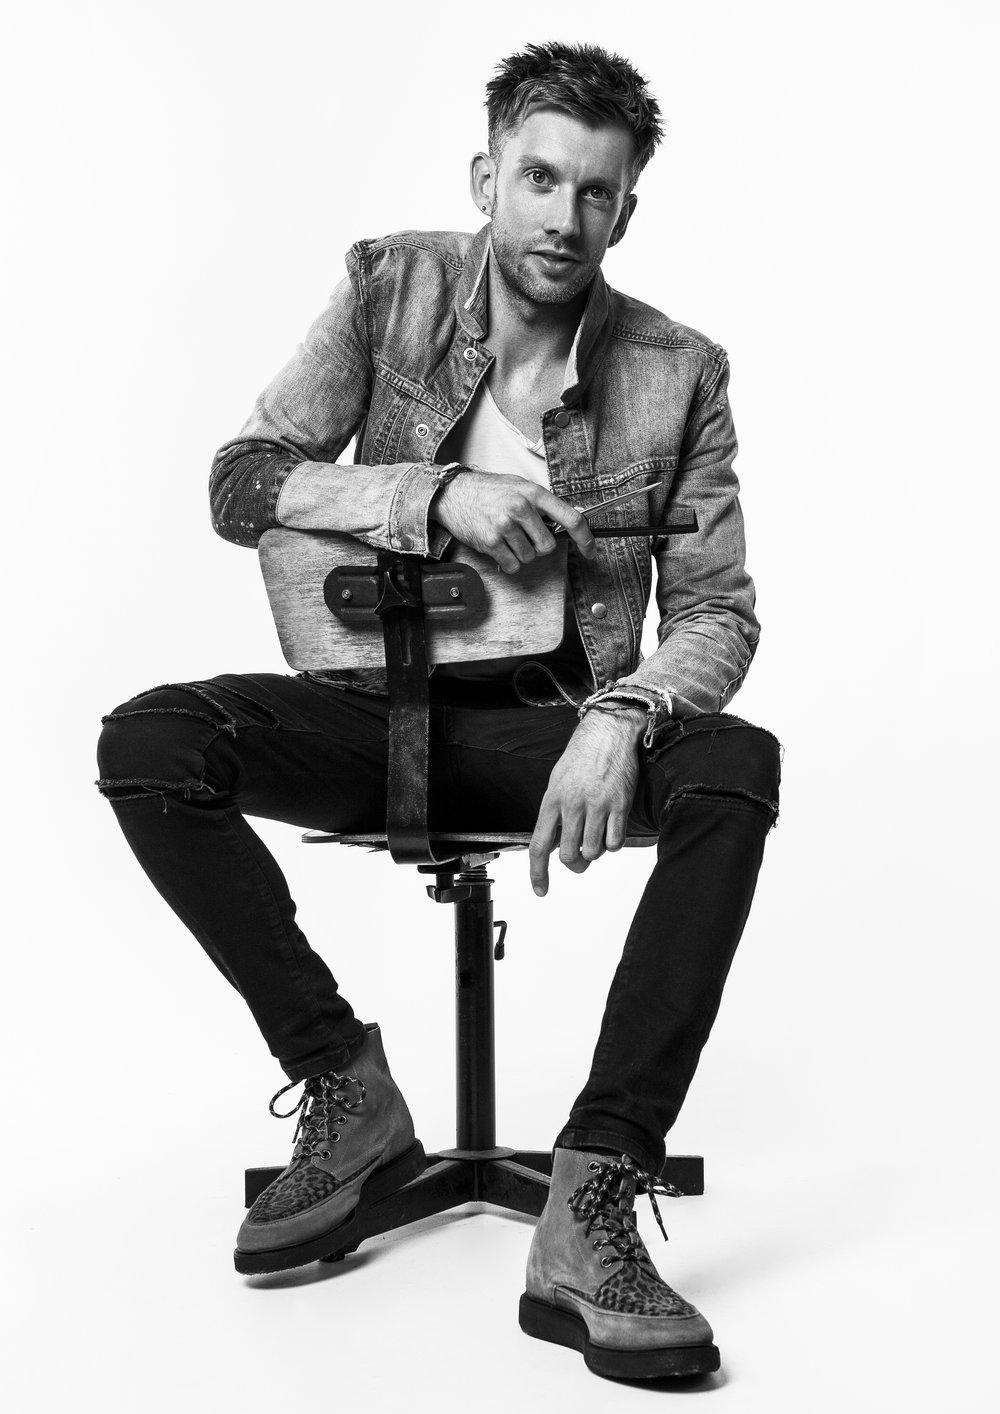 Sam Wall (UK) Sam Wall heeft in Engeland bekendheid gekregen door het winnen van vele 'male grooming awards'. Hij kenmerkt zich door een onderscheidende stijl. Naast zijn backstage werk voor London Fashion Week en London Fashion Week Men, verschijnen zijn creaties in nationale en internationale tijdschriften. Hij heeft zelfs een eigen column in een mode tijdschrift.-Zo: American Crew show-Ma: show, 15m -